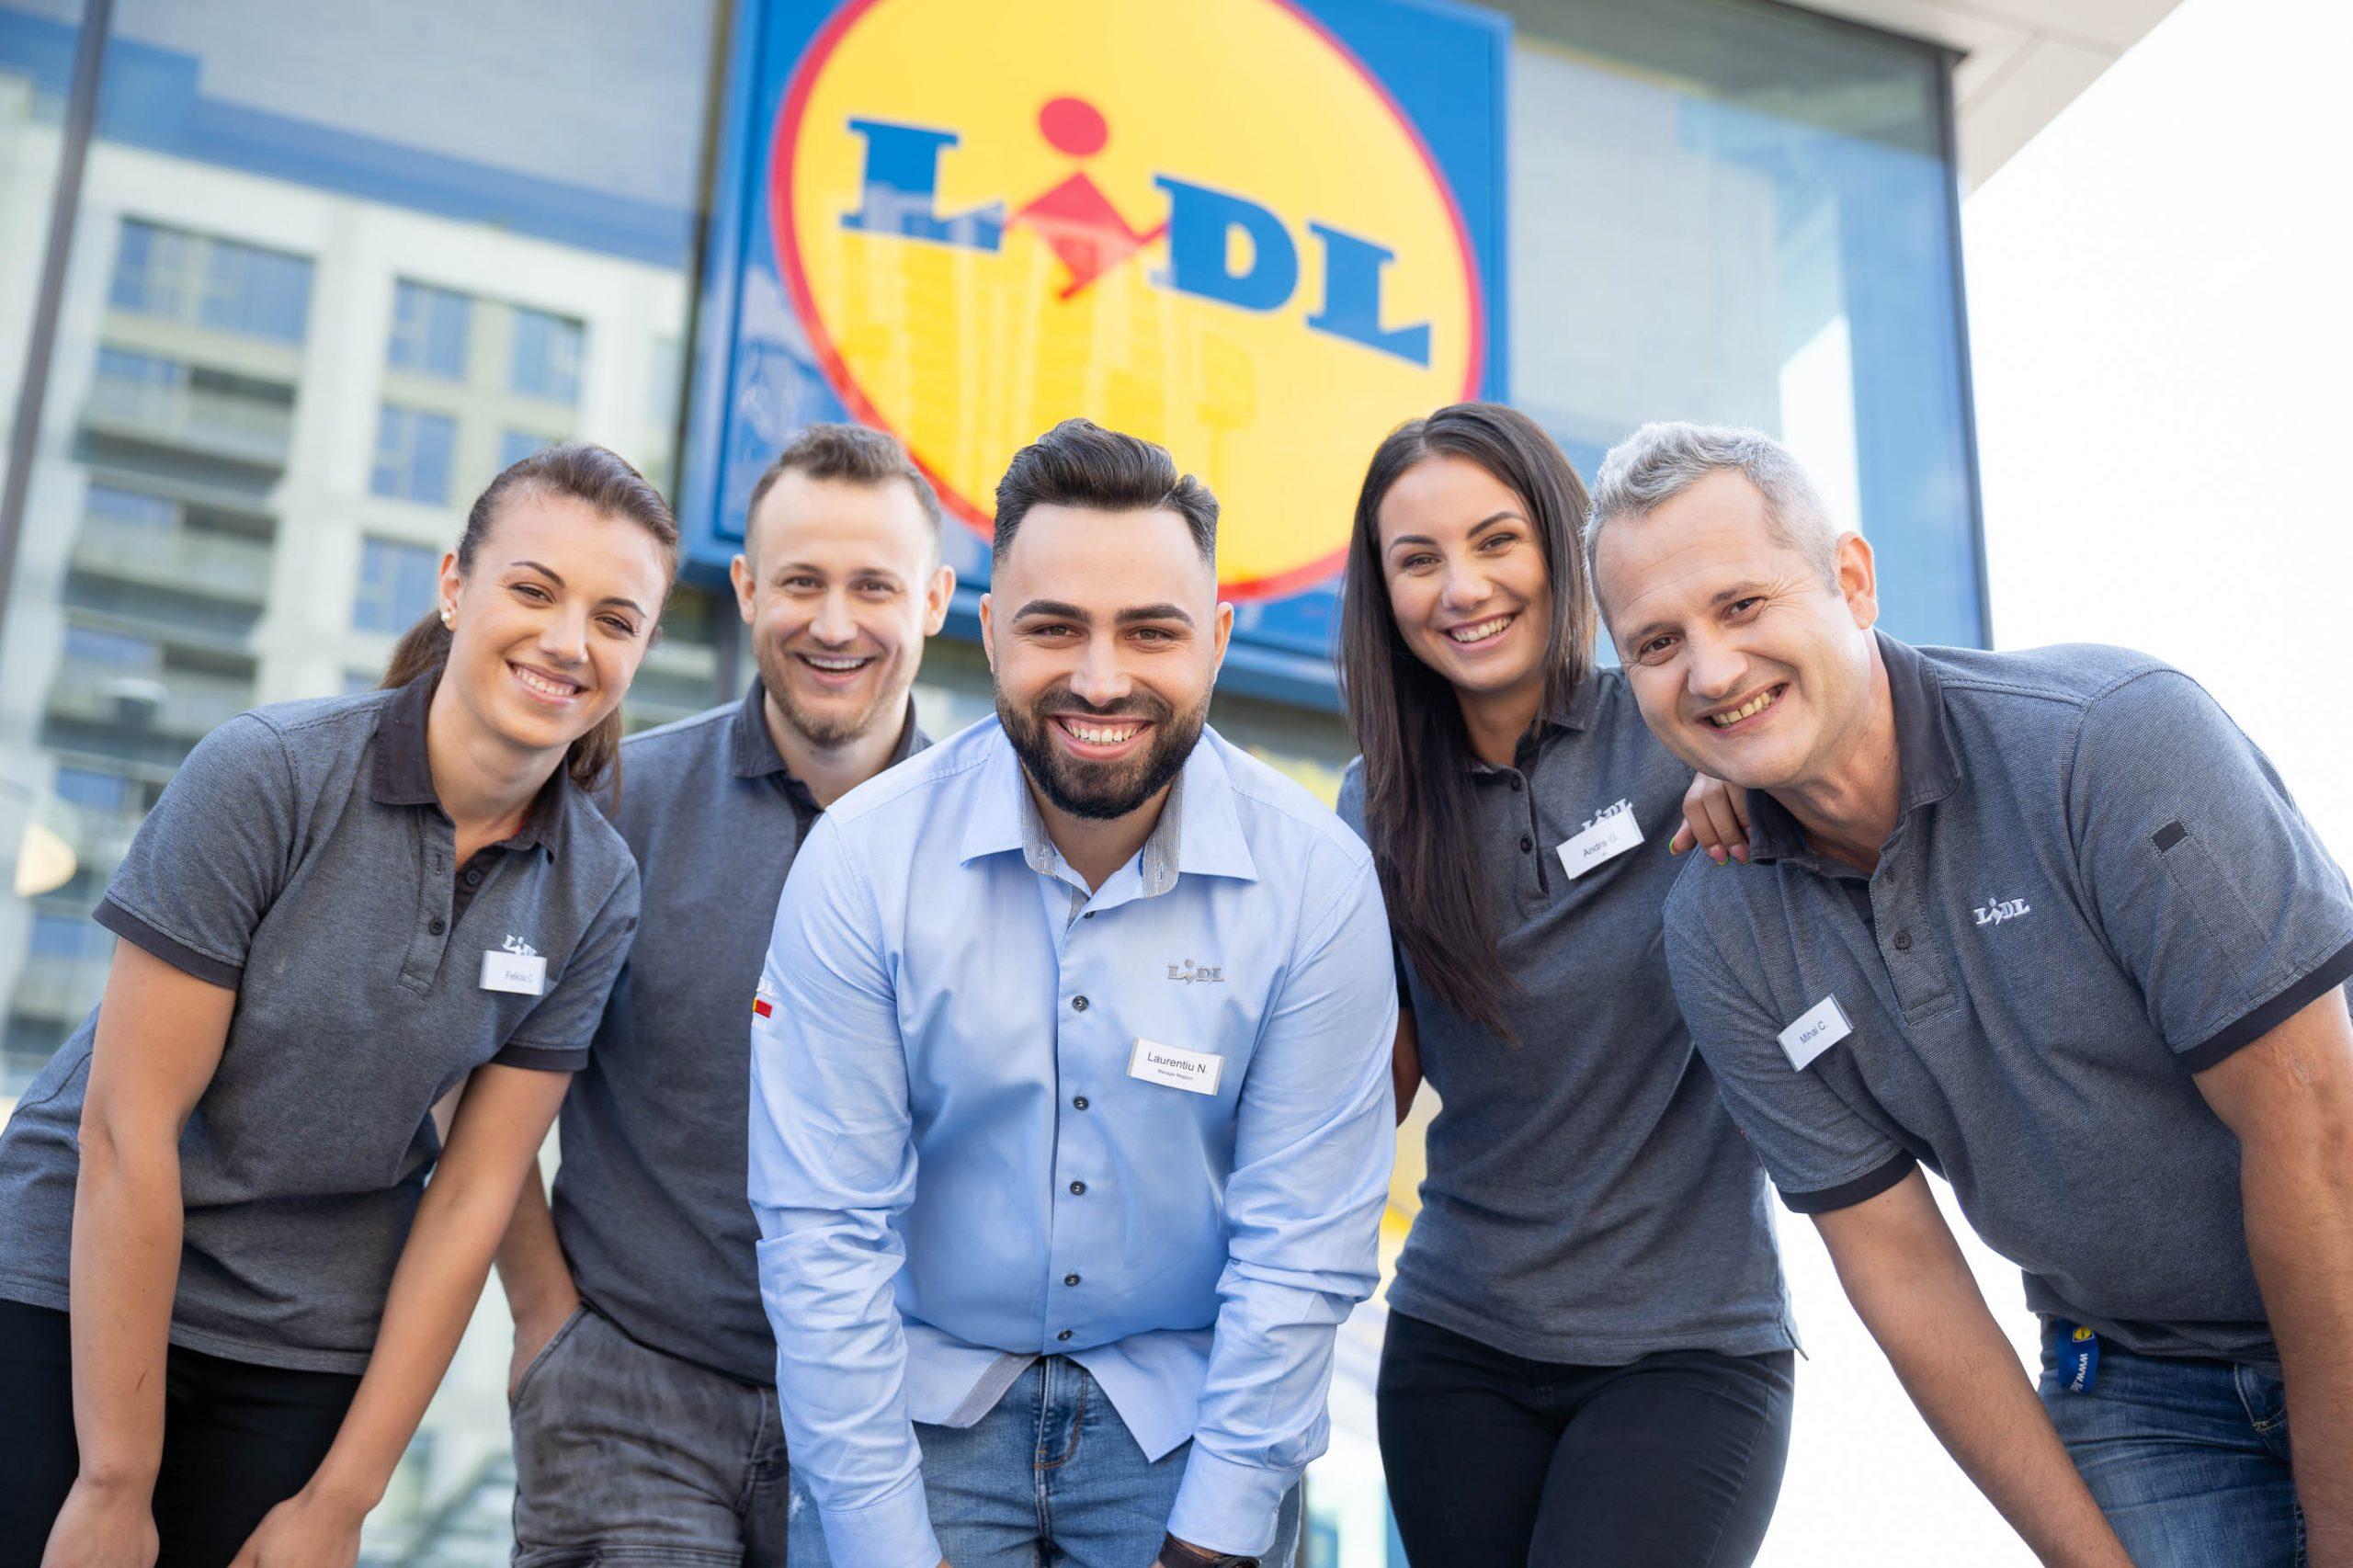 """Lidl Romania obtine certificarea """"top Employer"""" si isi consolideaza pozitia de angajator de top"""